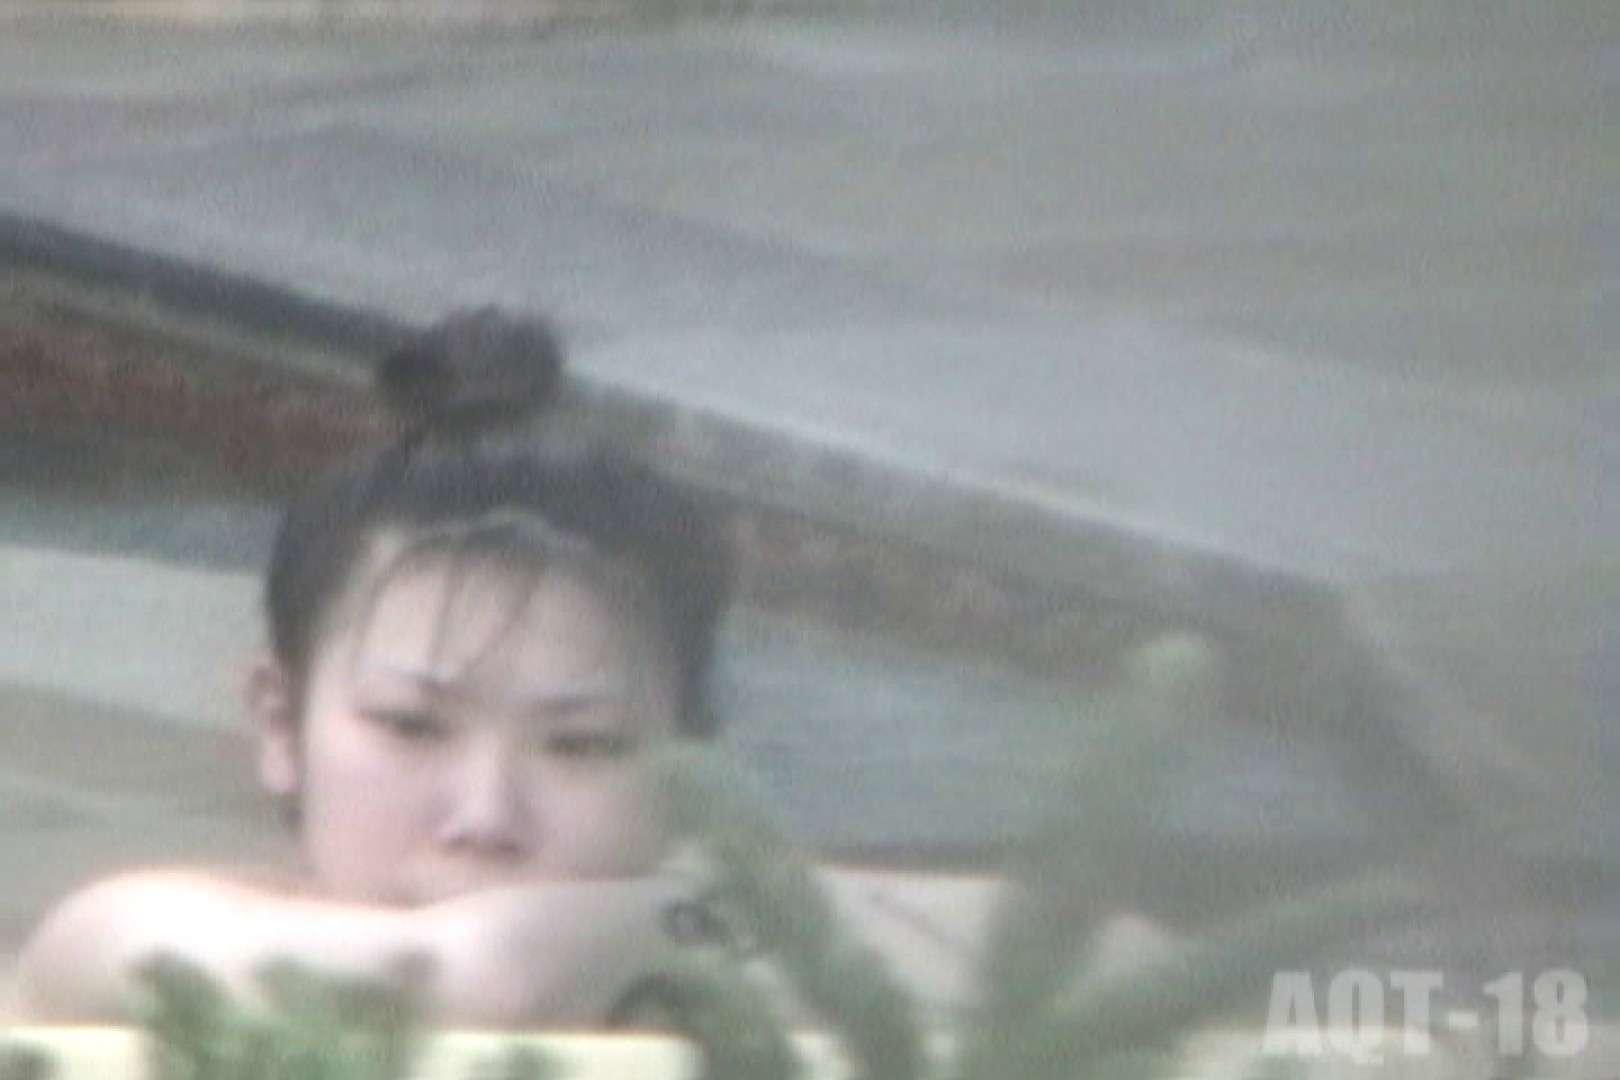 Aquaな露天風呂Vol.855 盗撮 セックス画像 67画像 8